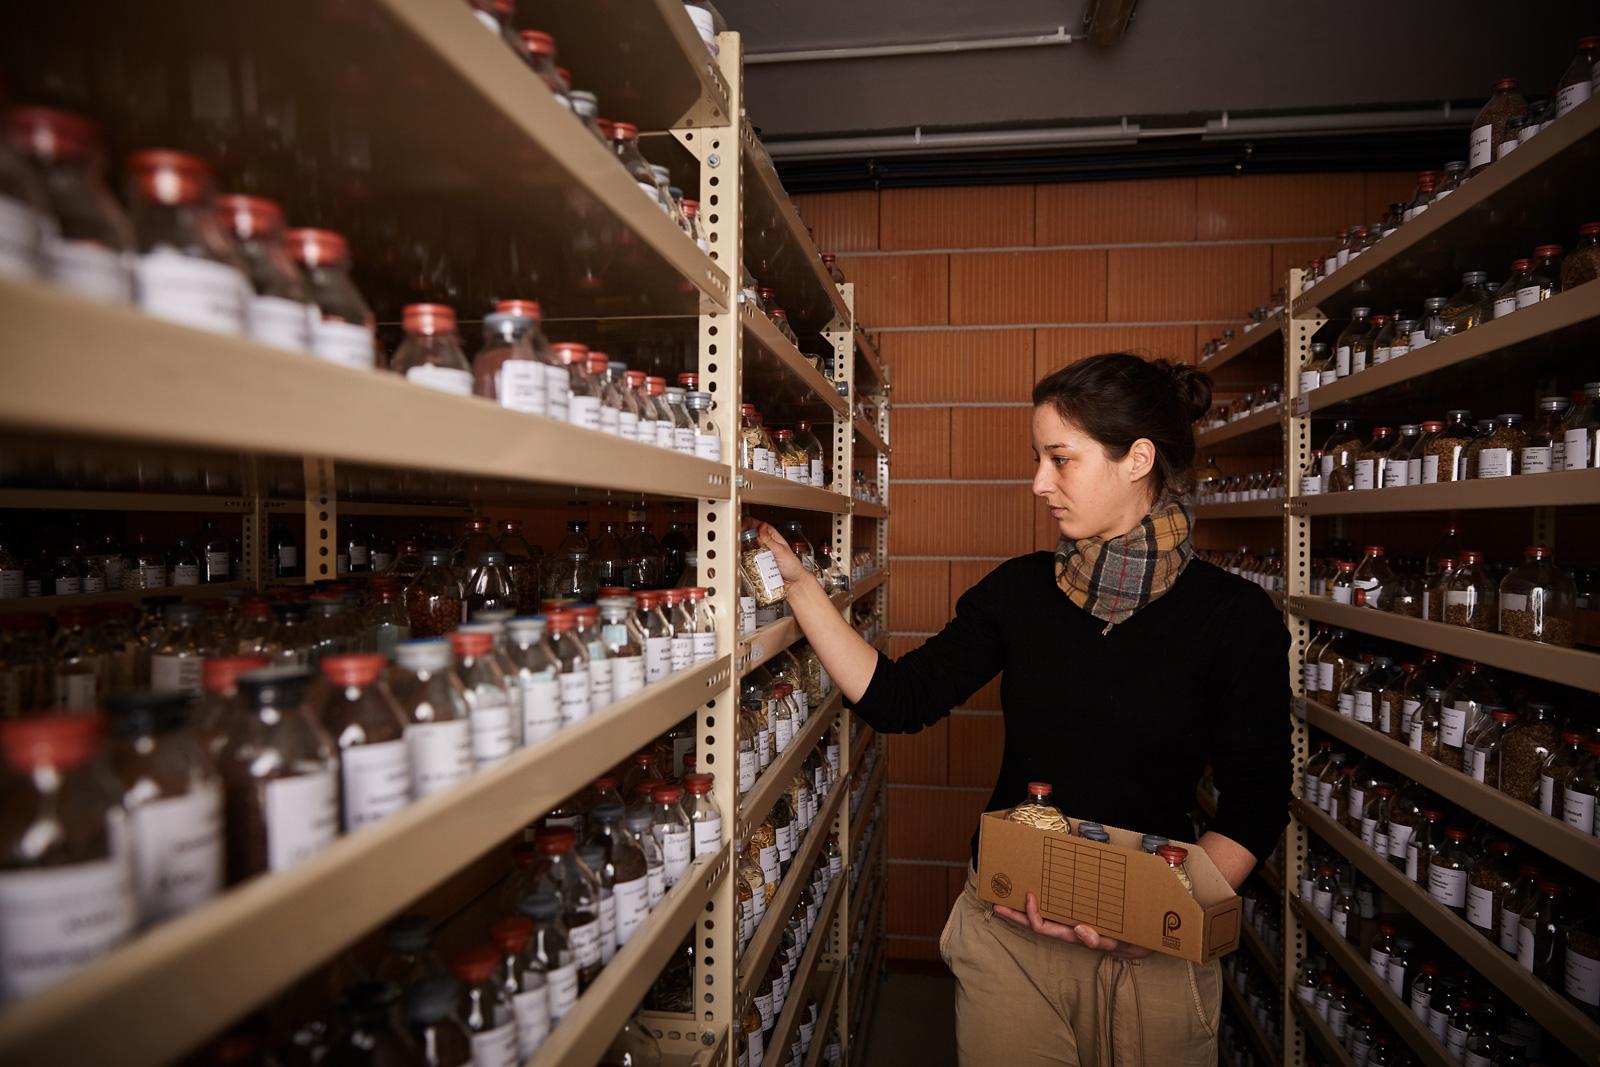 Saatgutflaschen im Samenarchiv